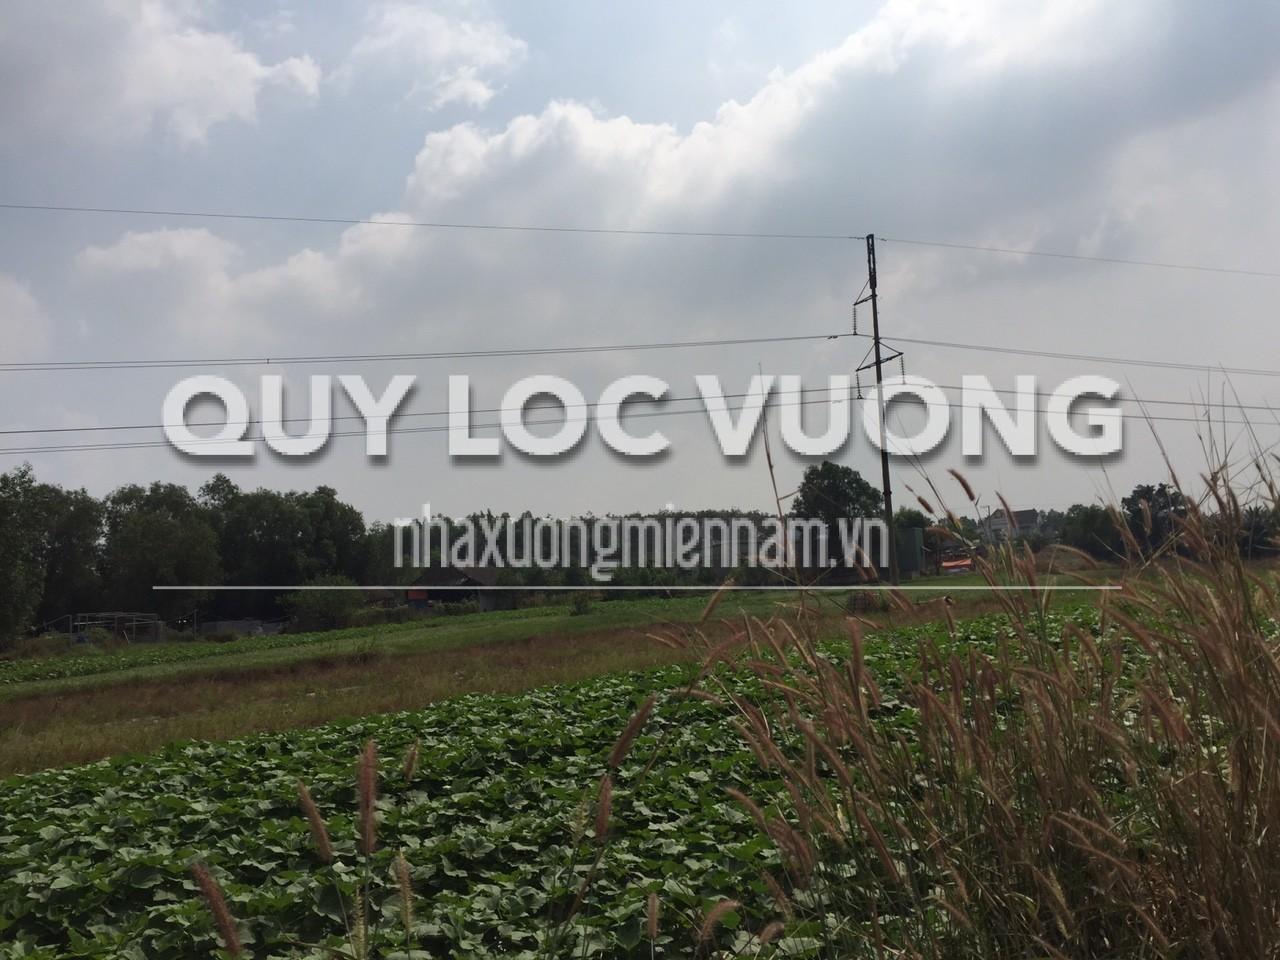 Bán đất trống xã Tân Hiệp huyện Bắc Tân Uyên Bình Dương rộng 200.000m2